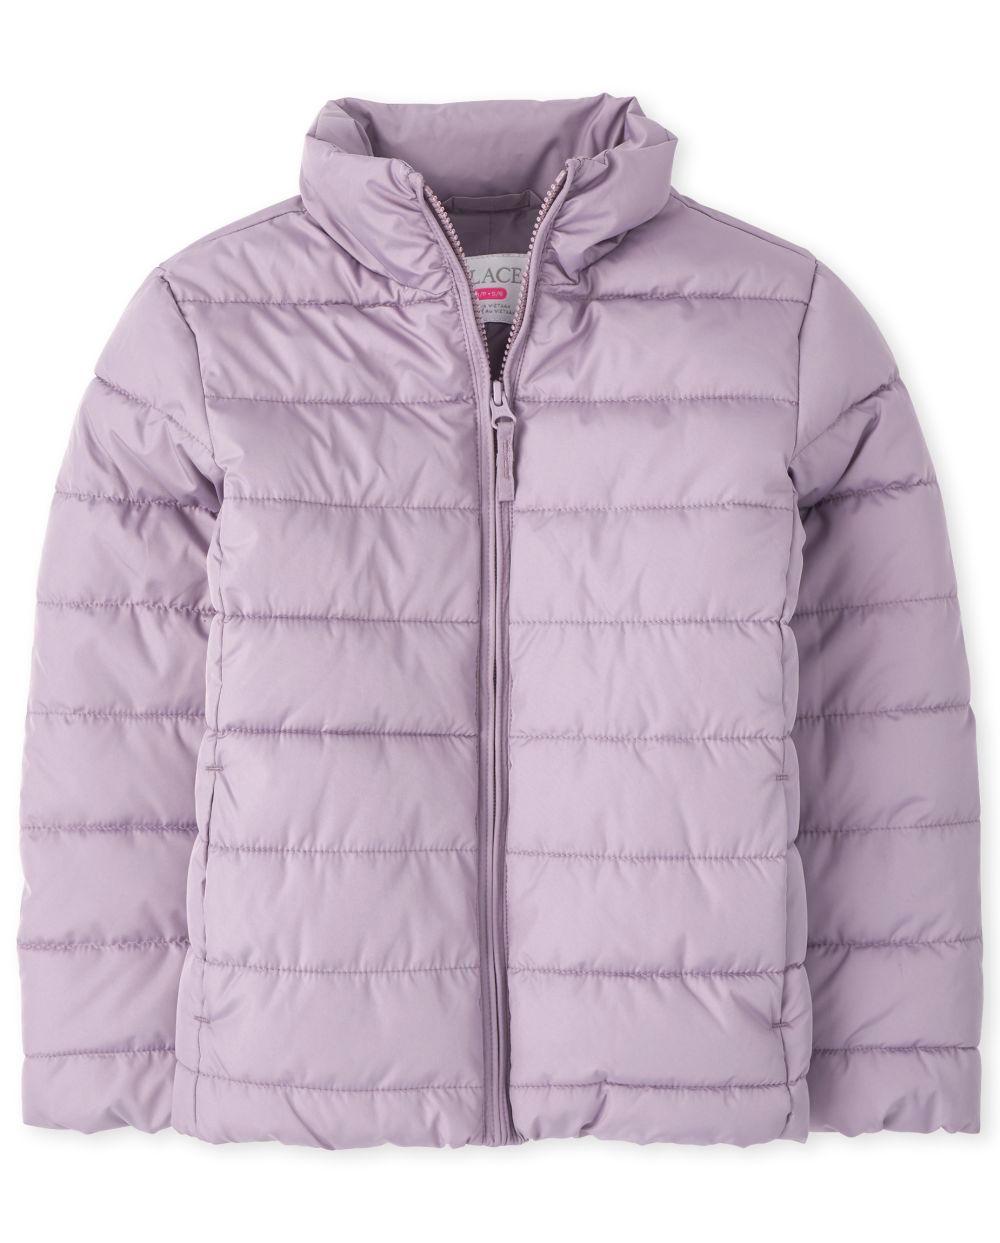 Girls Long Sleeve Puffer Jacket Girls Puffer Jacket Puffer Jackets Girls Long Sleeve [ 1243 x 1000 Pixel ]